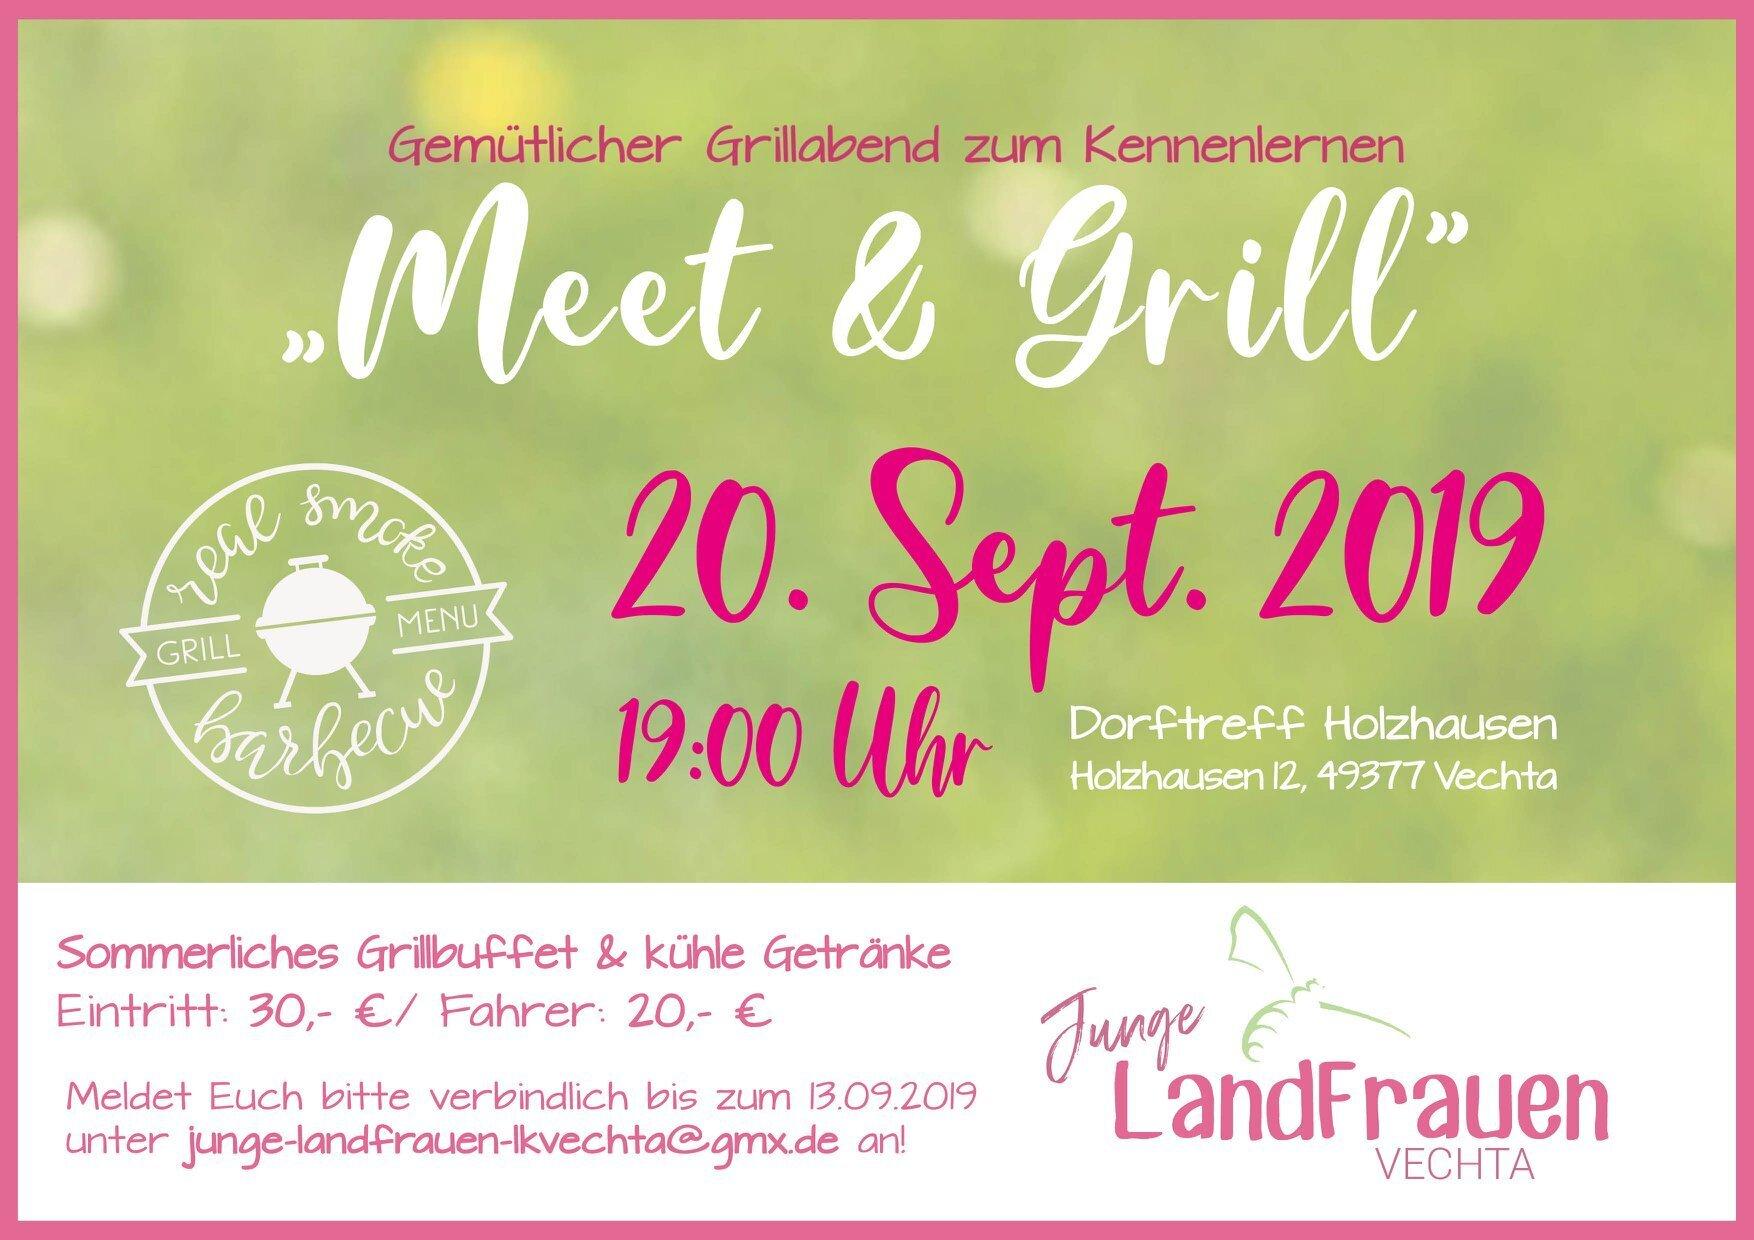 Meet_Grill